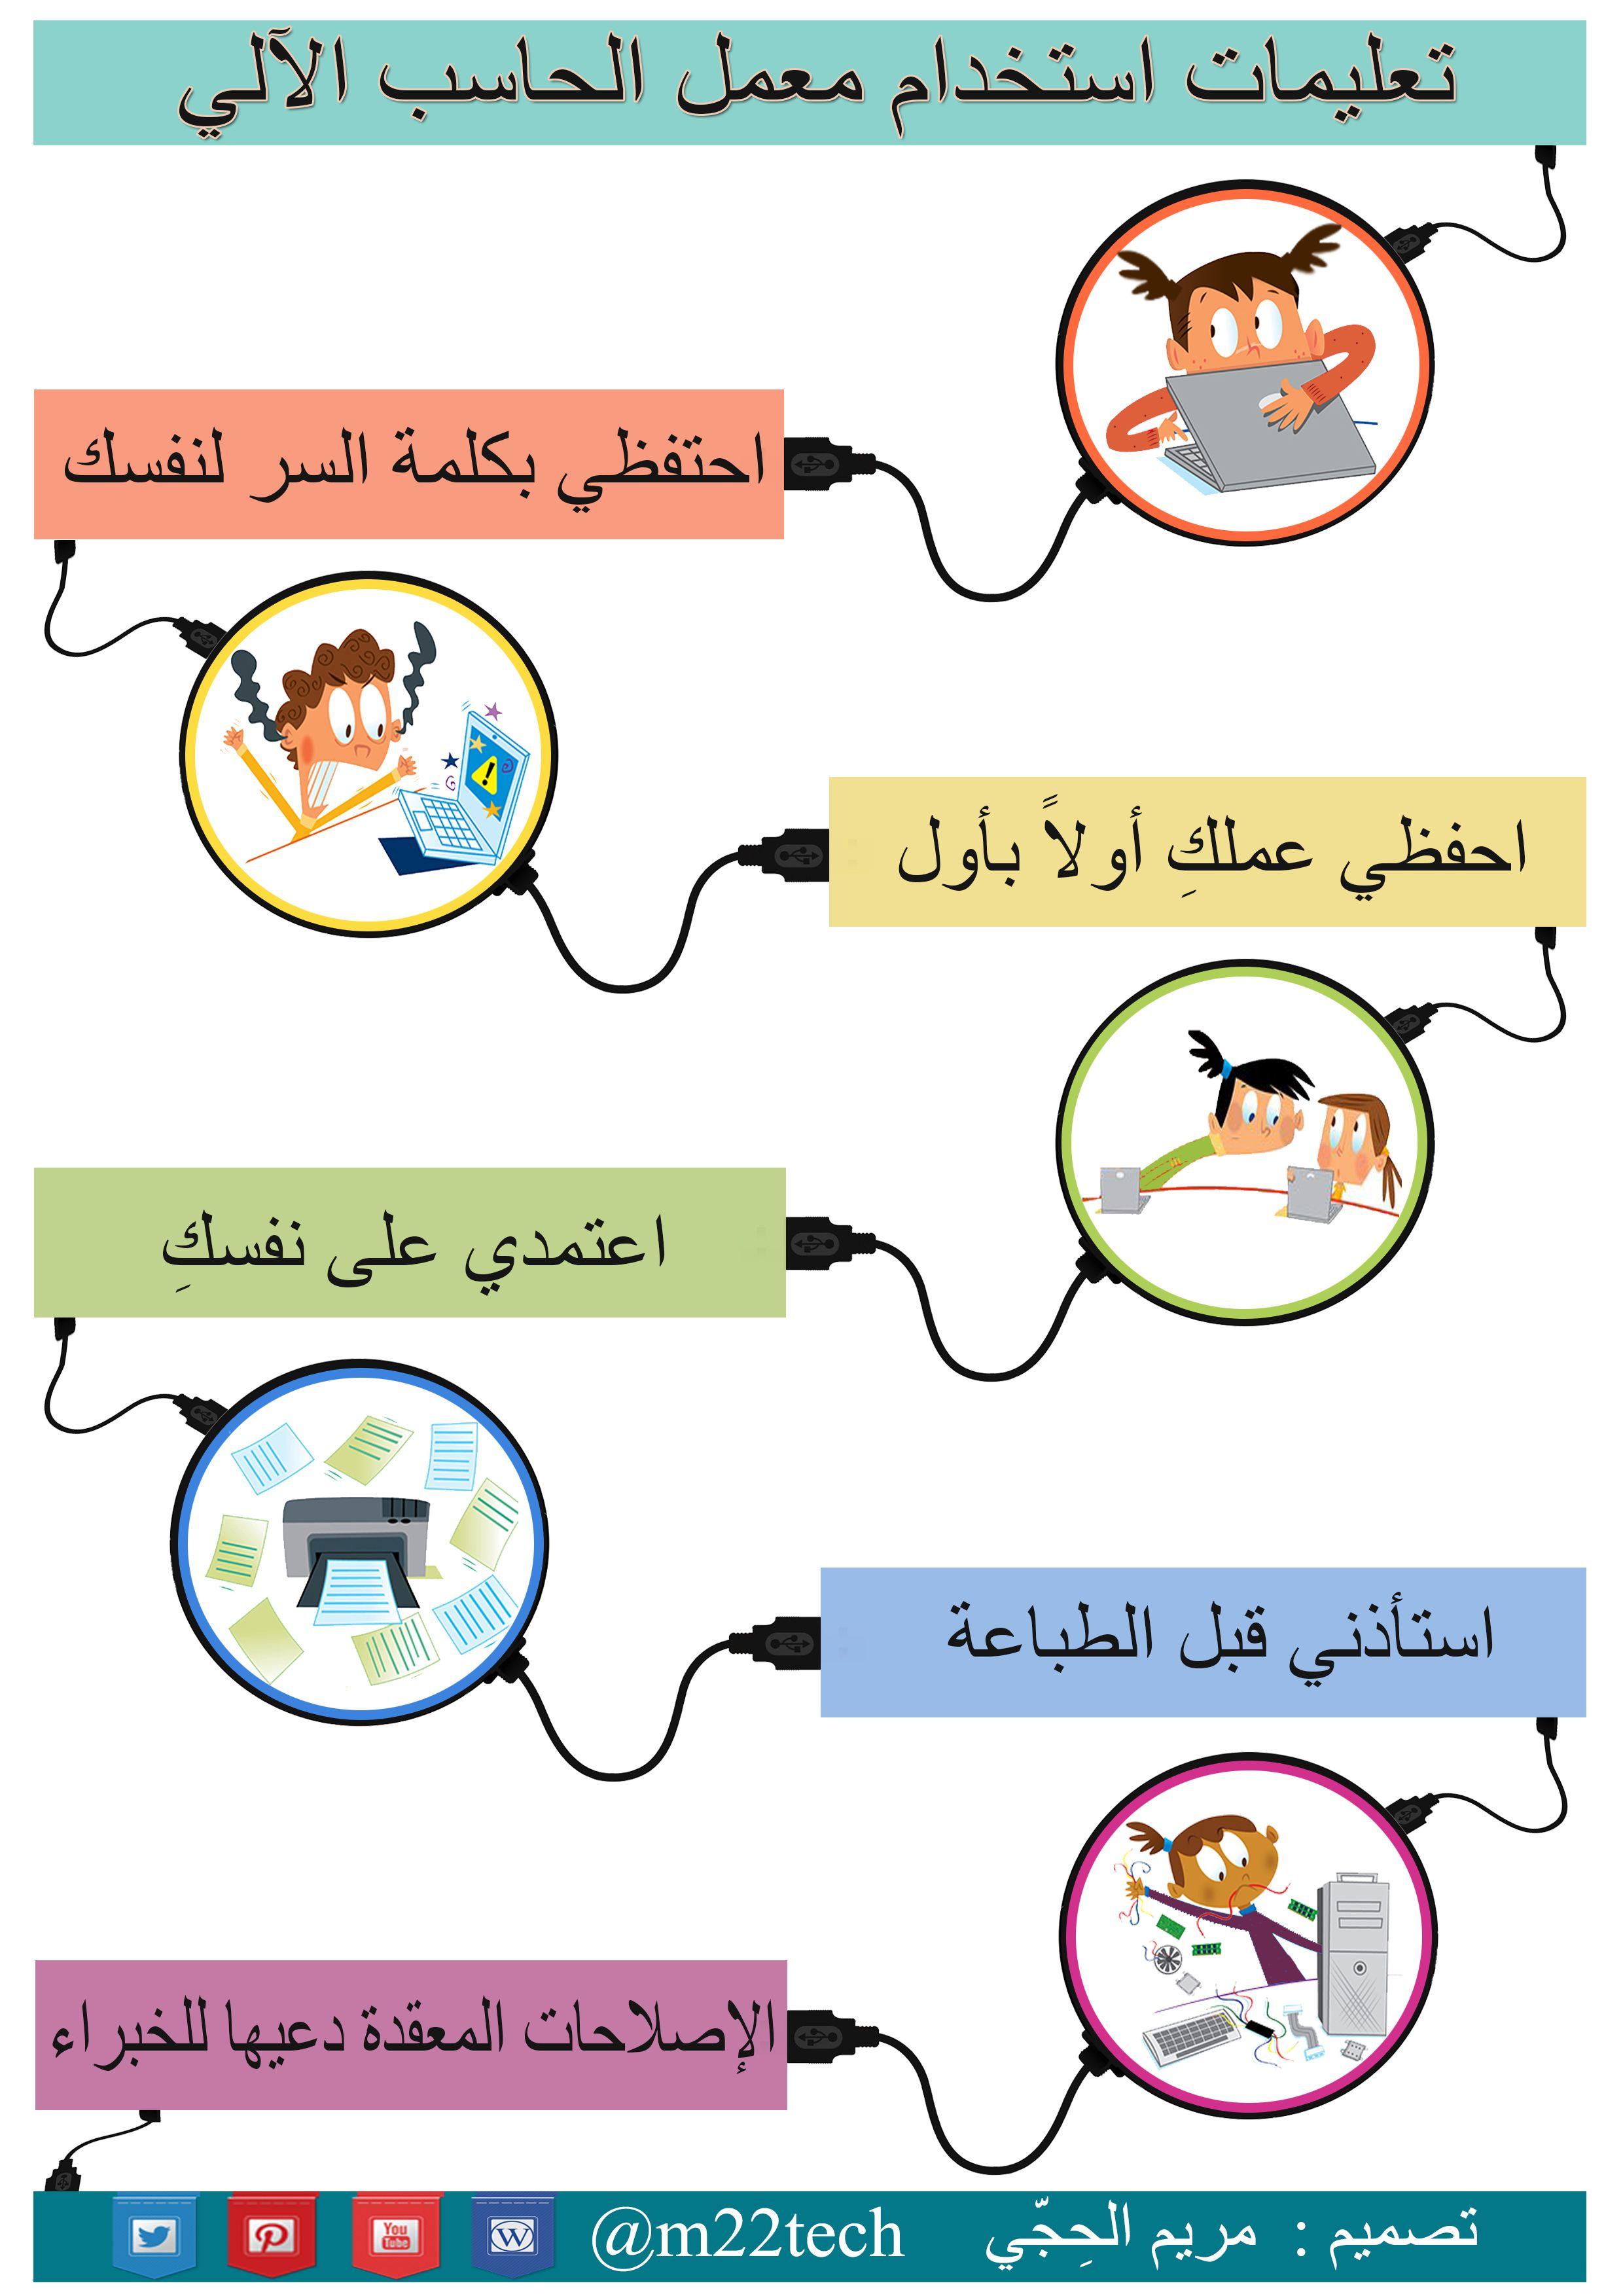 تعليمات الاختبارات للطلاب